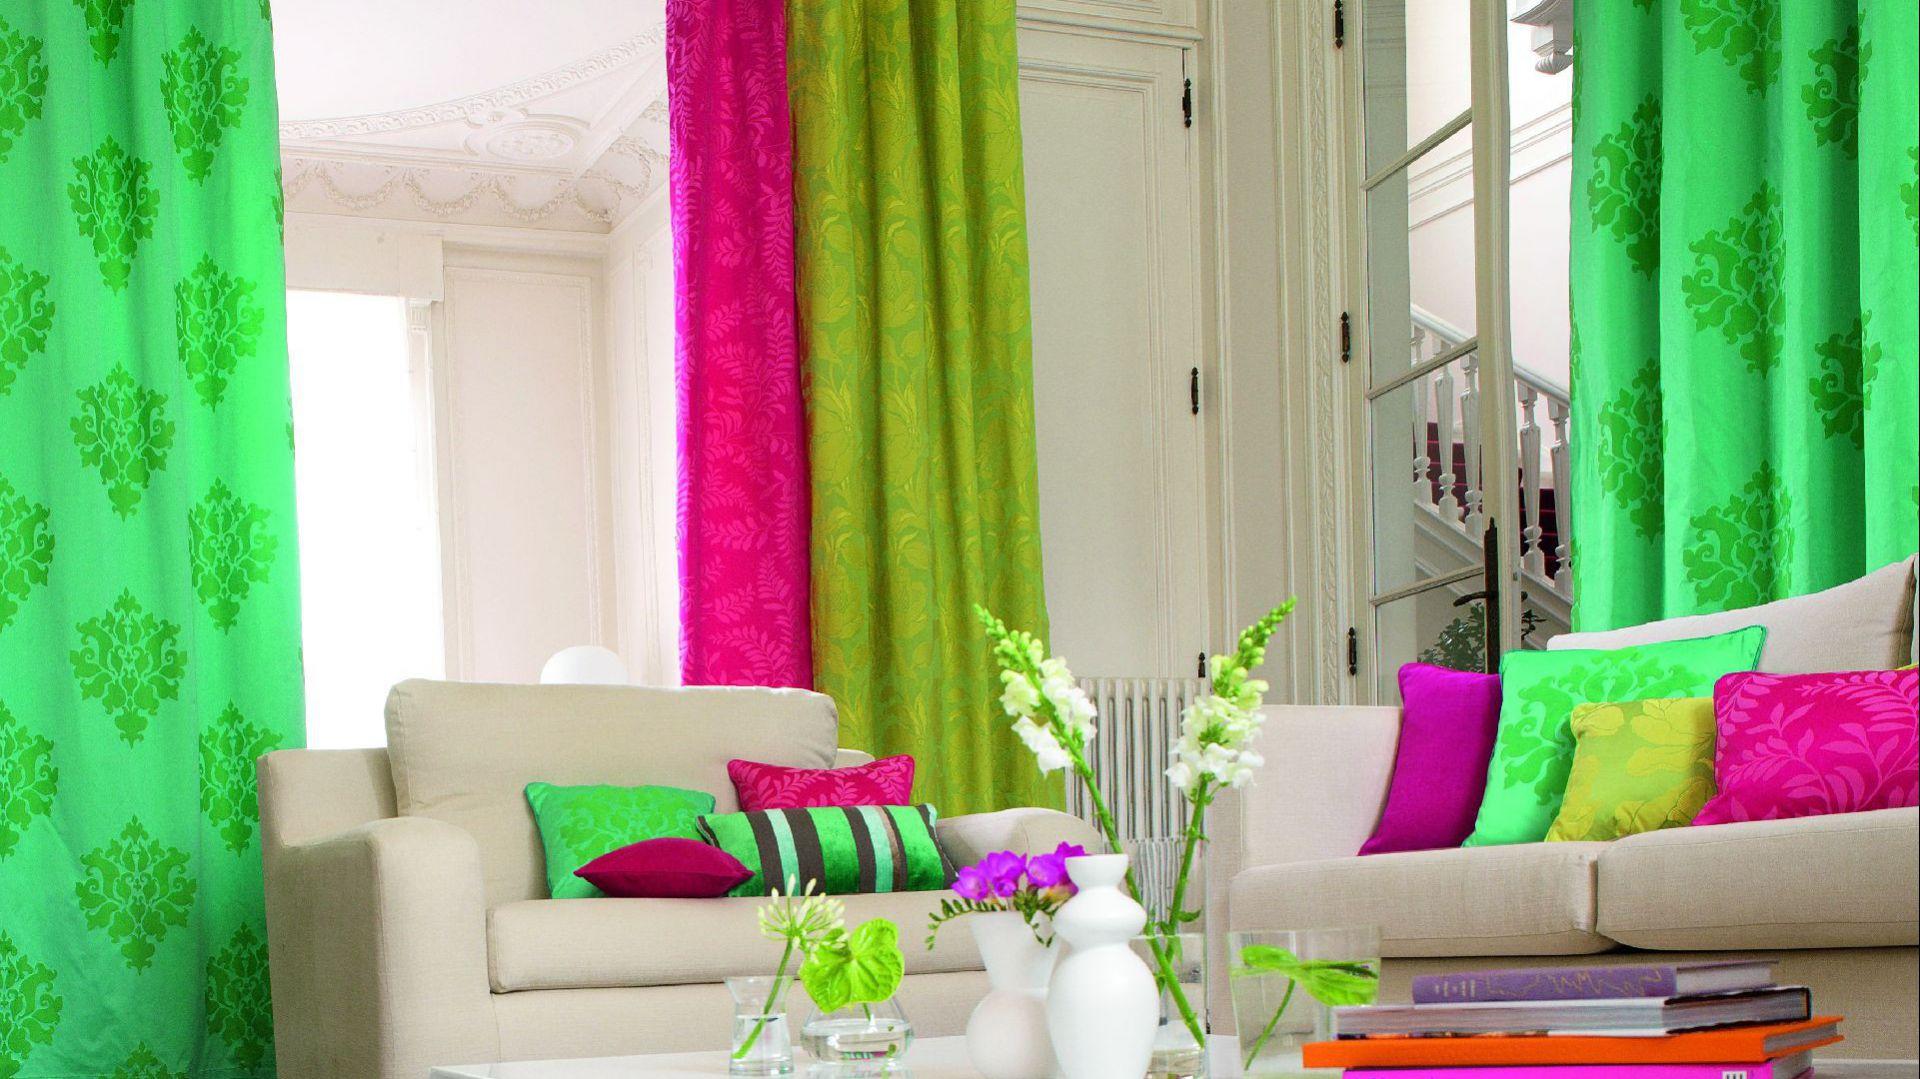 Kolor Zielony We Wnętrzu 30 Przykładów Jak łączyć Go Z